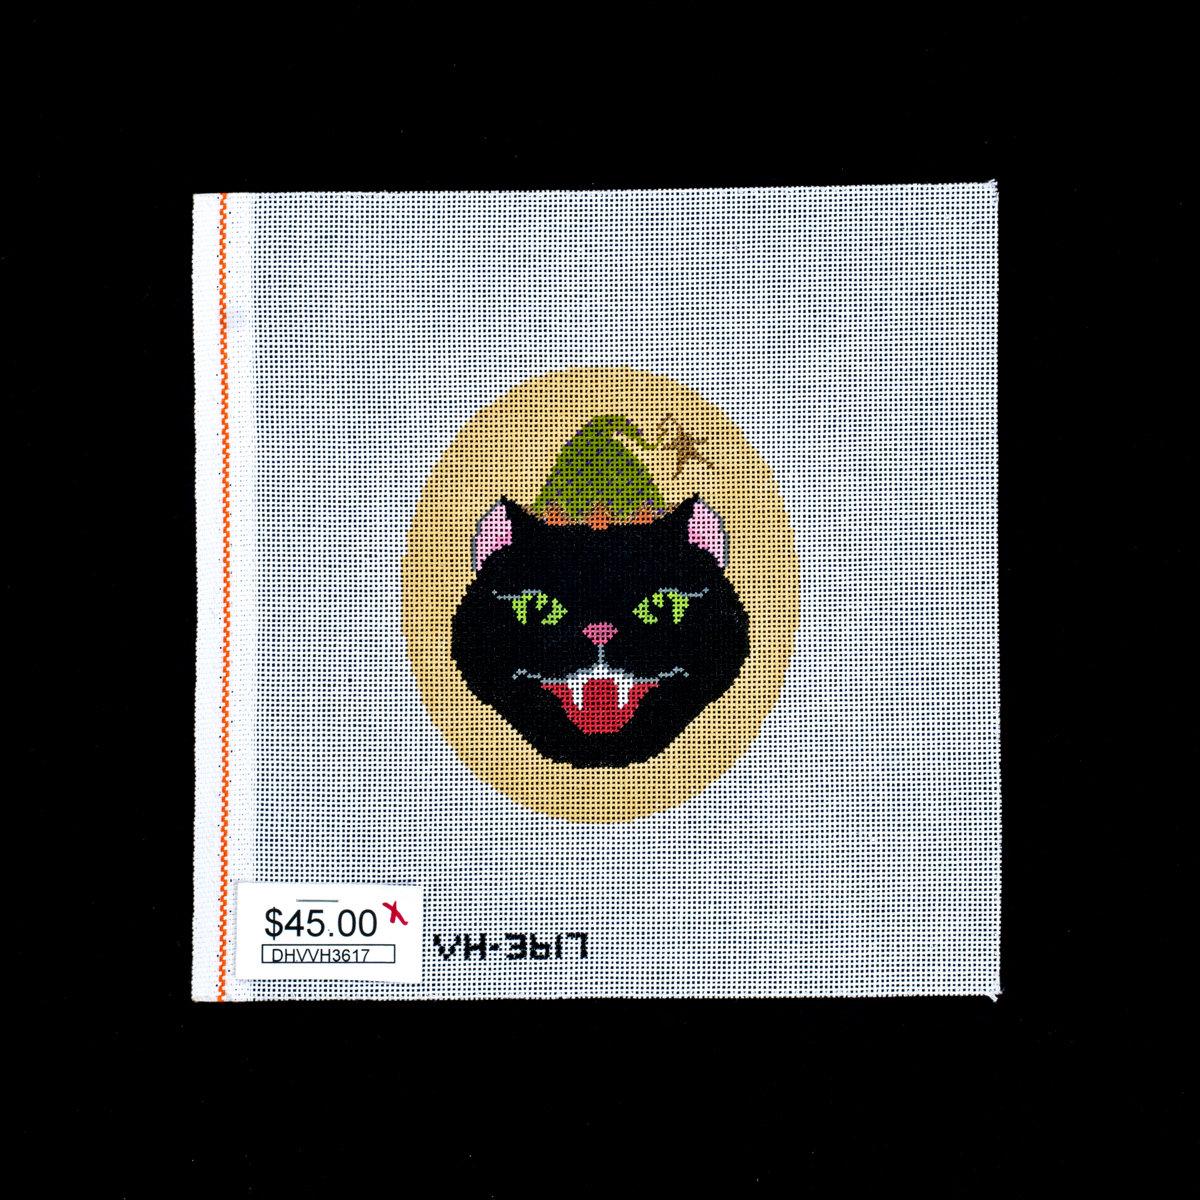 Dream House Ventures, Cat Ornament, DHVVH3617